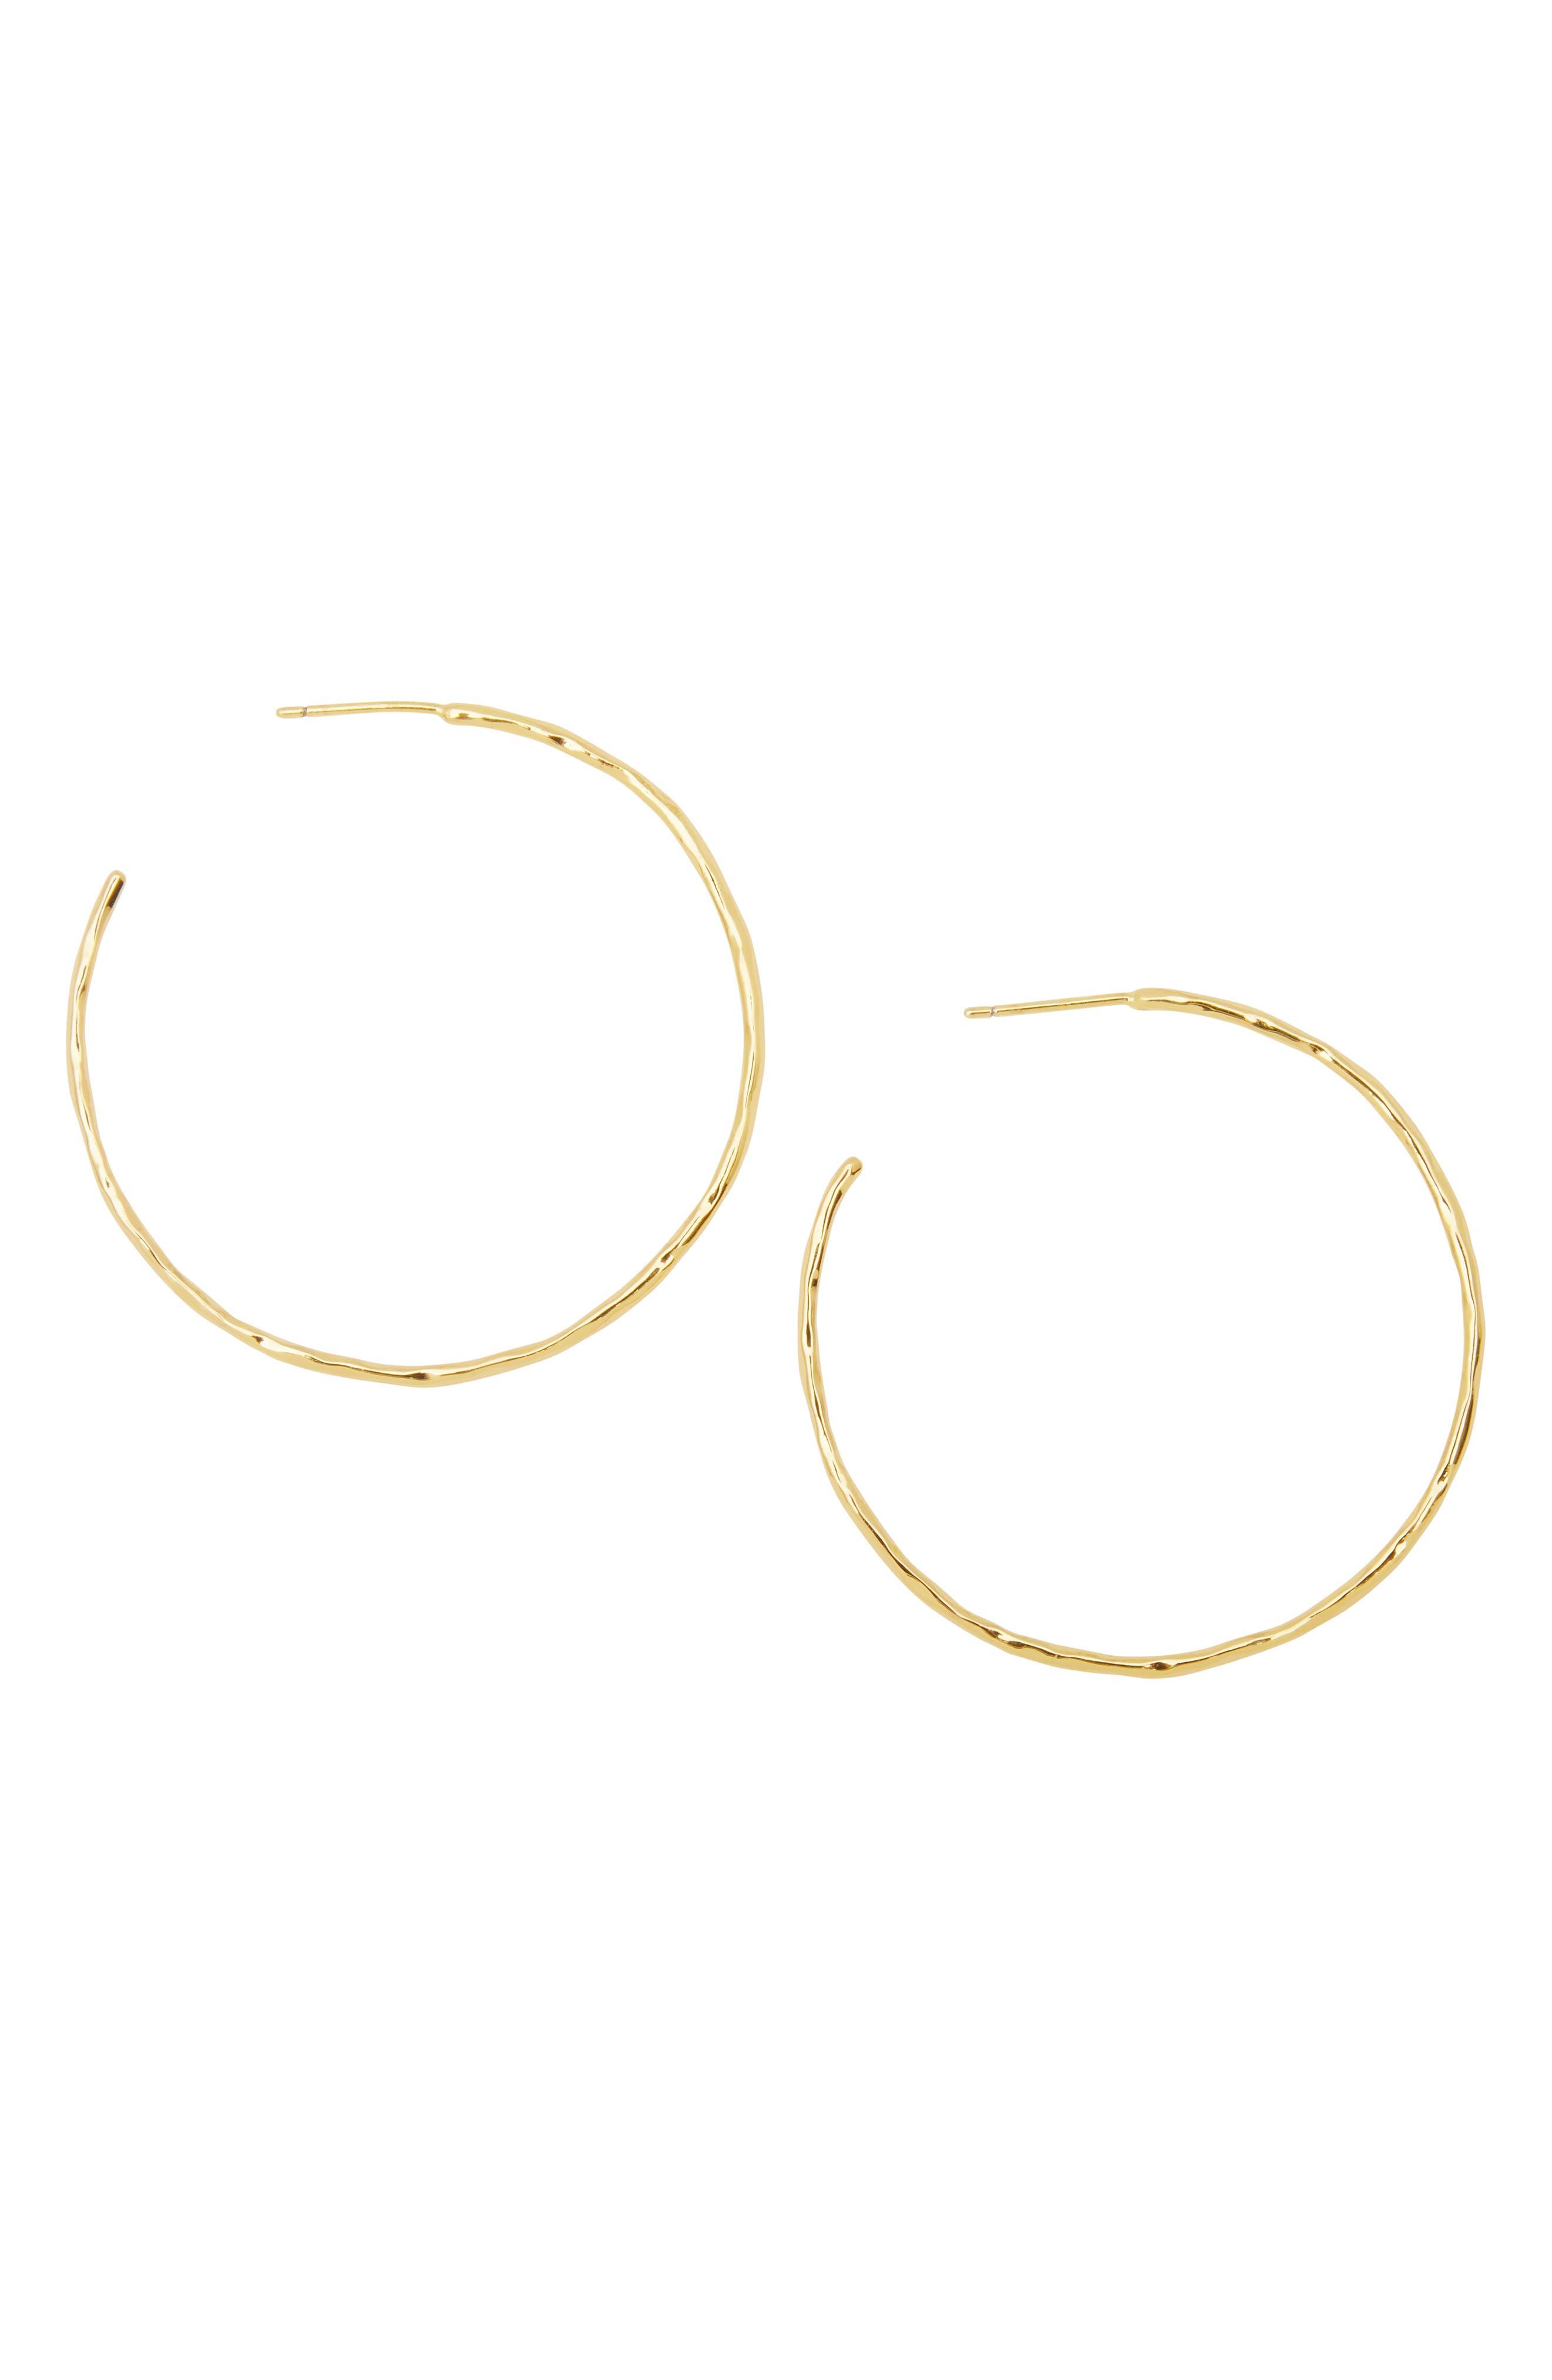 Taner Hoop Earrings